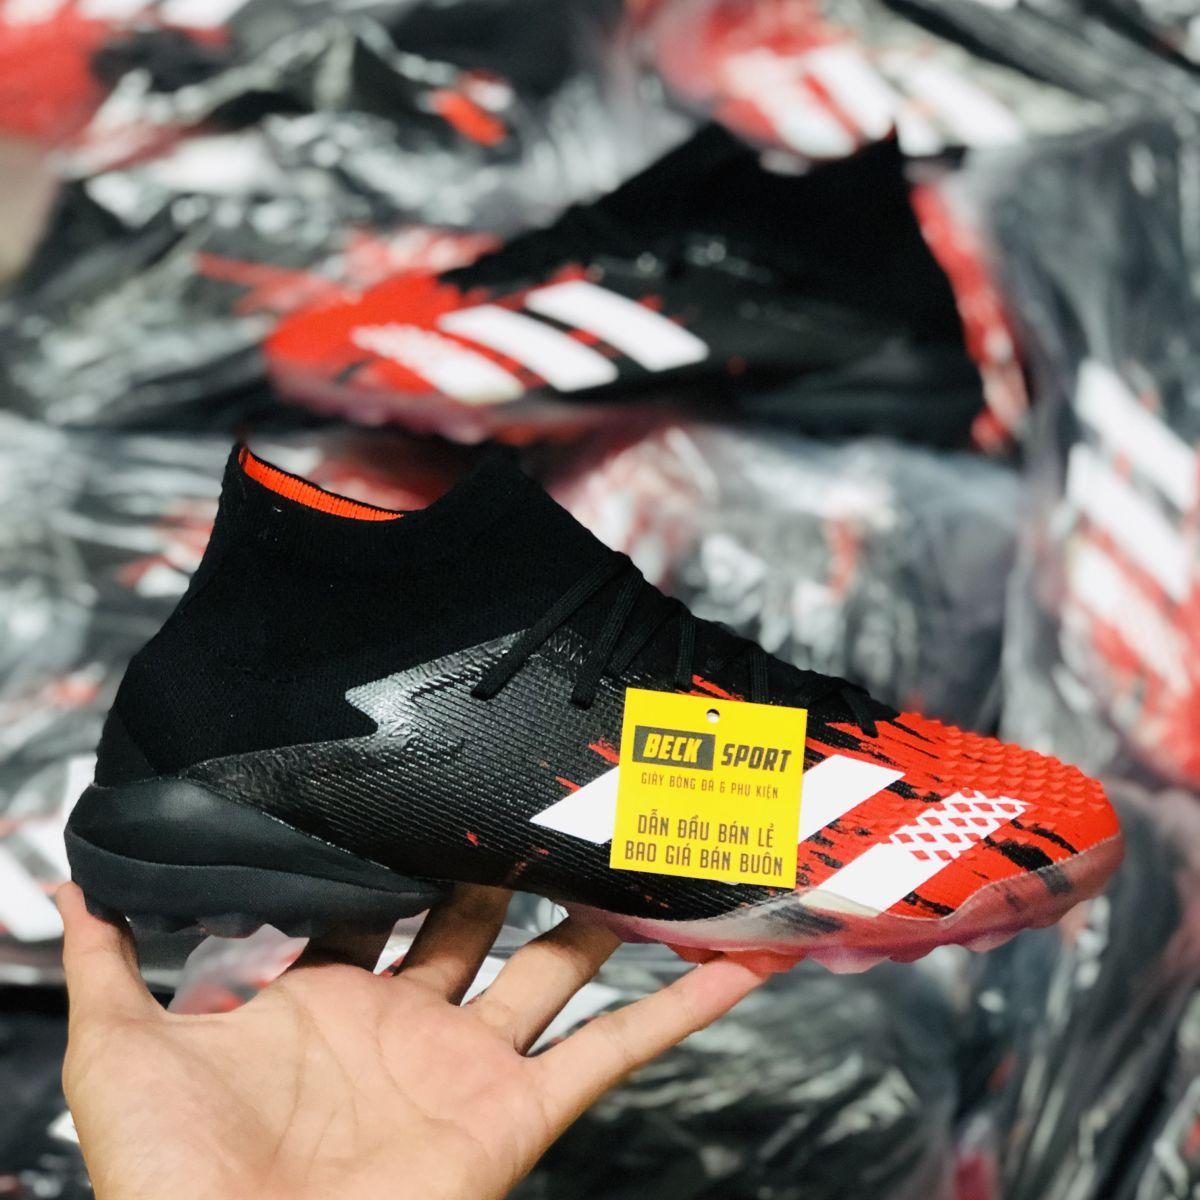 Giày Bóng Đá Adidas Predator 20.1 Mutator Đen Mũi Đỏ Vạch Trắng Cổ Cao TF